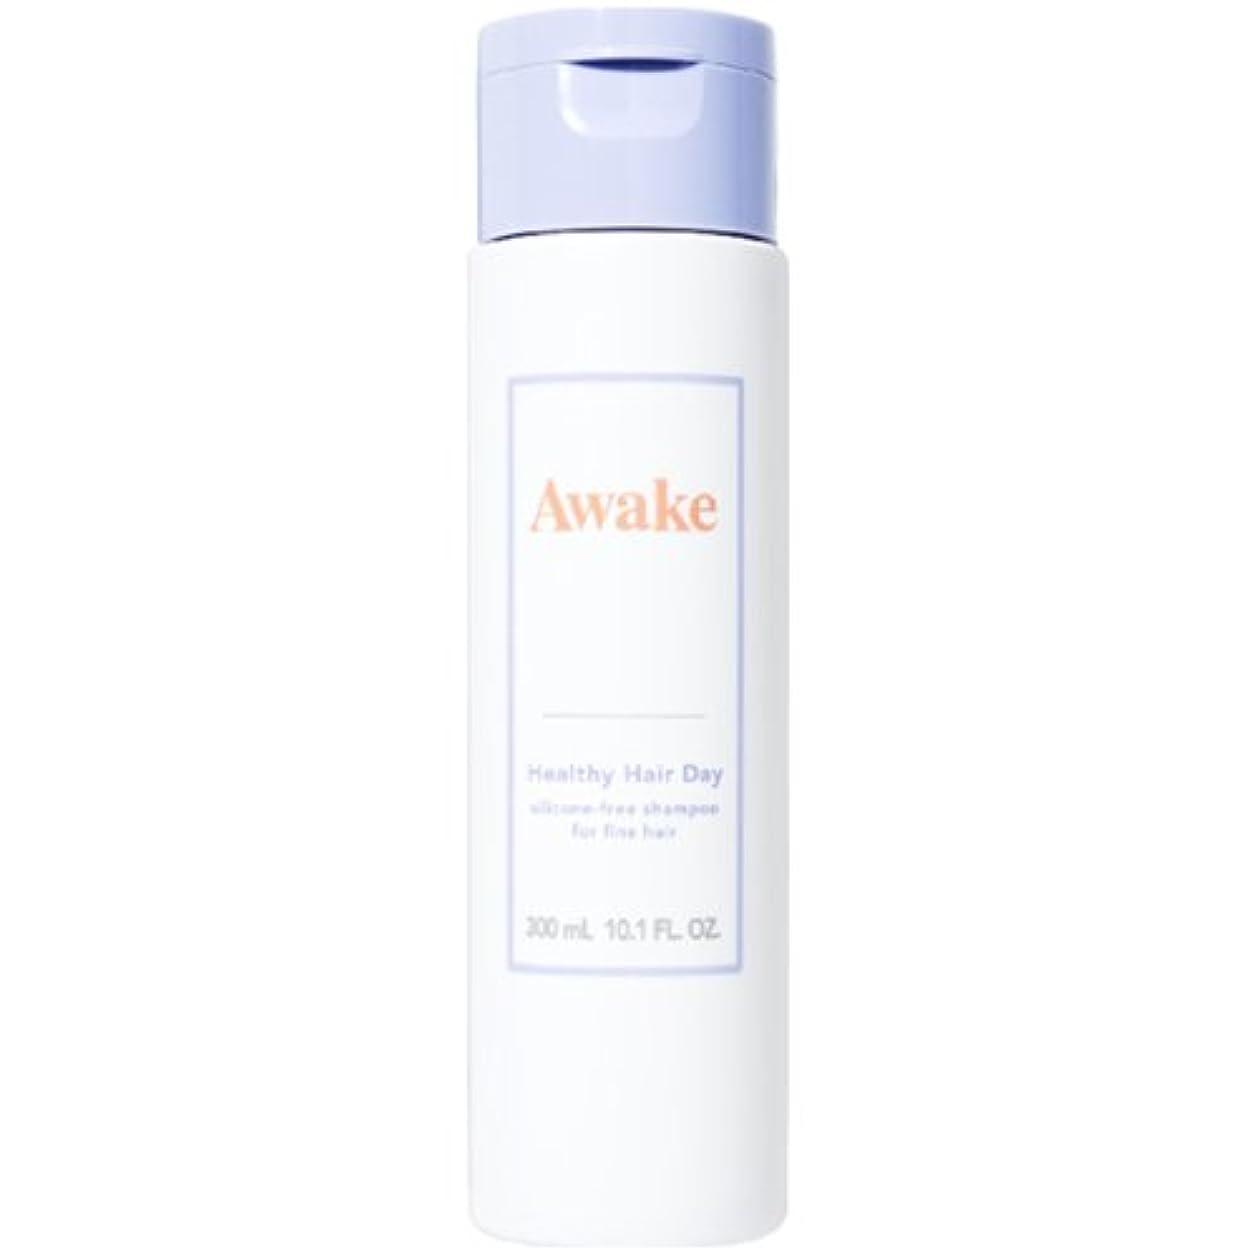 義務腐敗した後継アウェイク(AWAKE) Awake(アウェイク) ヘルシーヘアデイ シリコーンフリー ヘアシャンプー ハリコシアップヘア用 (300mL)